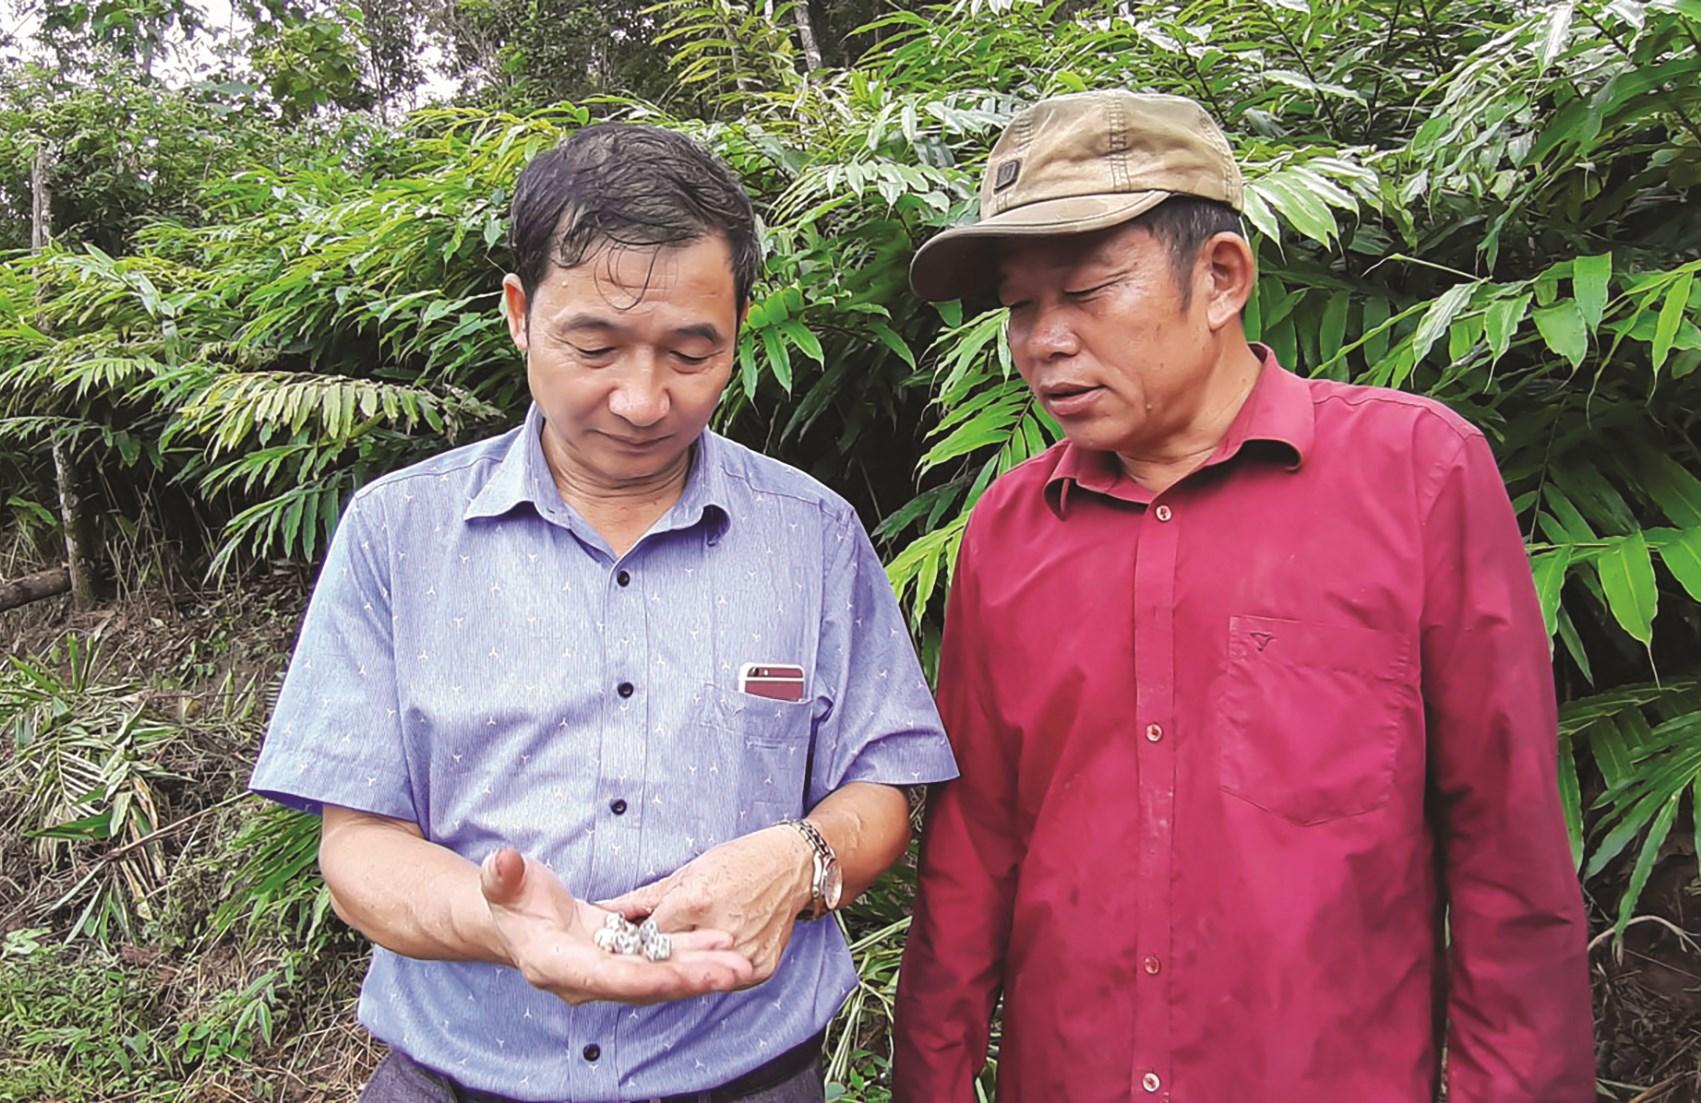 Bí thư Đảng ủy xã Chà Nưa Khoàng Văn Van (áo xanh) tiên phong làm kinh tế với mô hình trồng cây sa nhân đỏ được Nhân dân tin và làm theo.